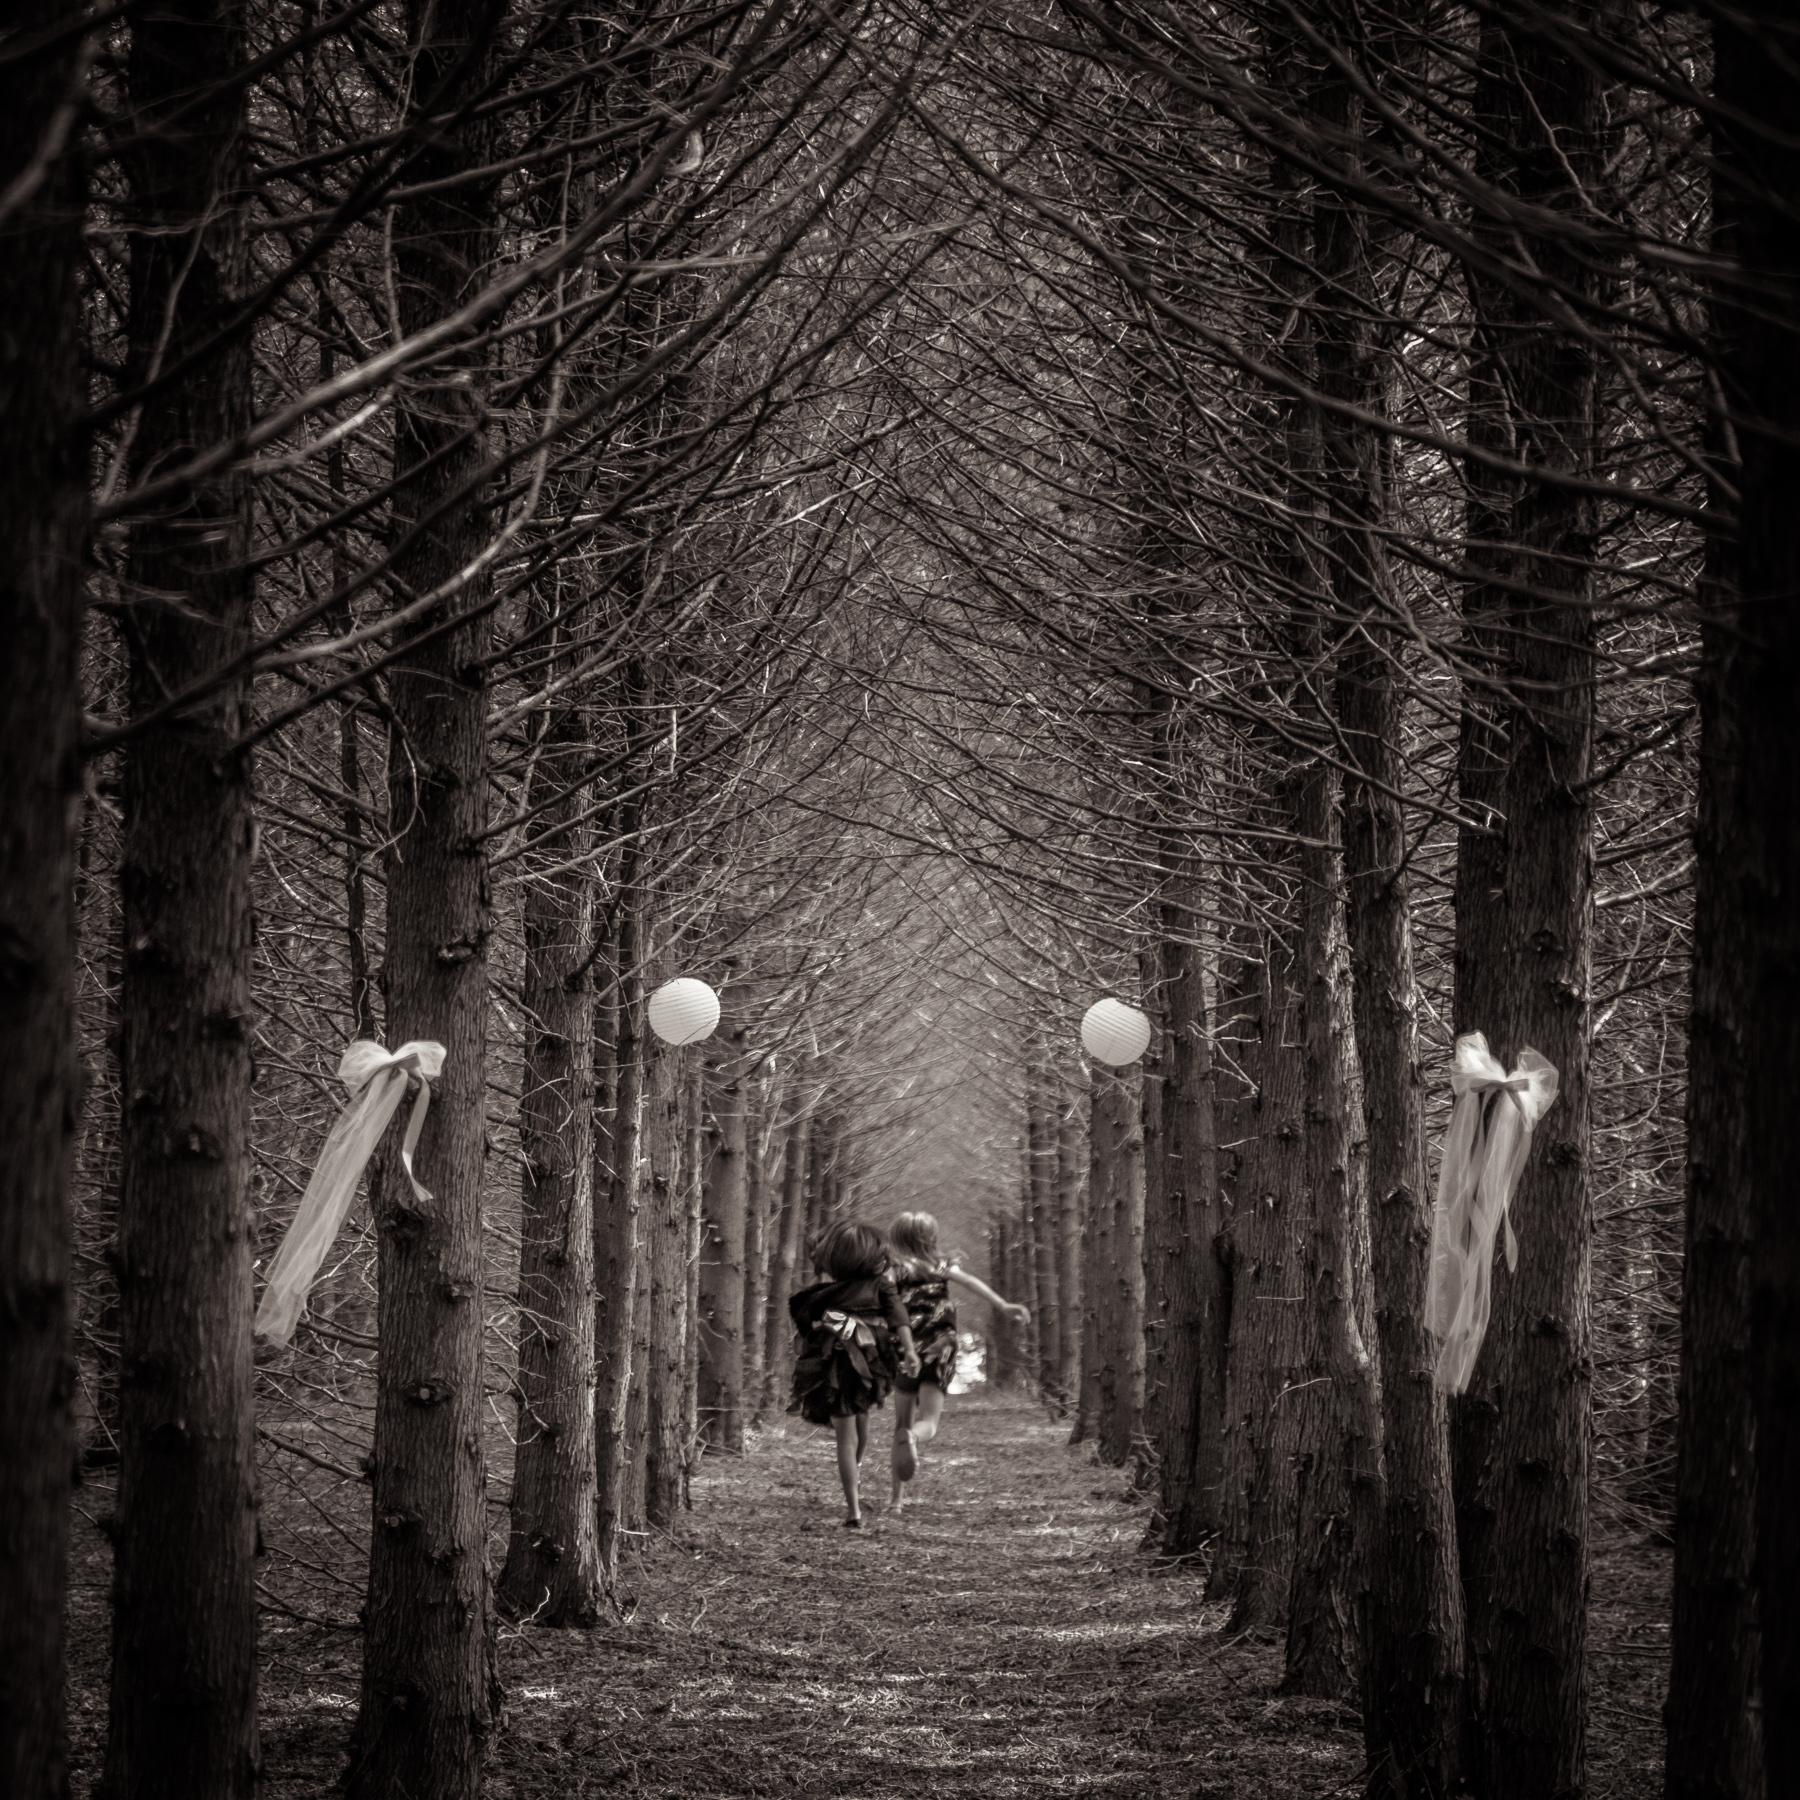 Michael_Knapstein_MidwestPeople_EnchantedForest_6.jpg